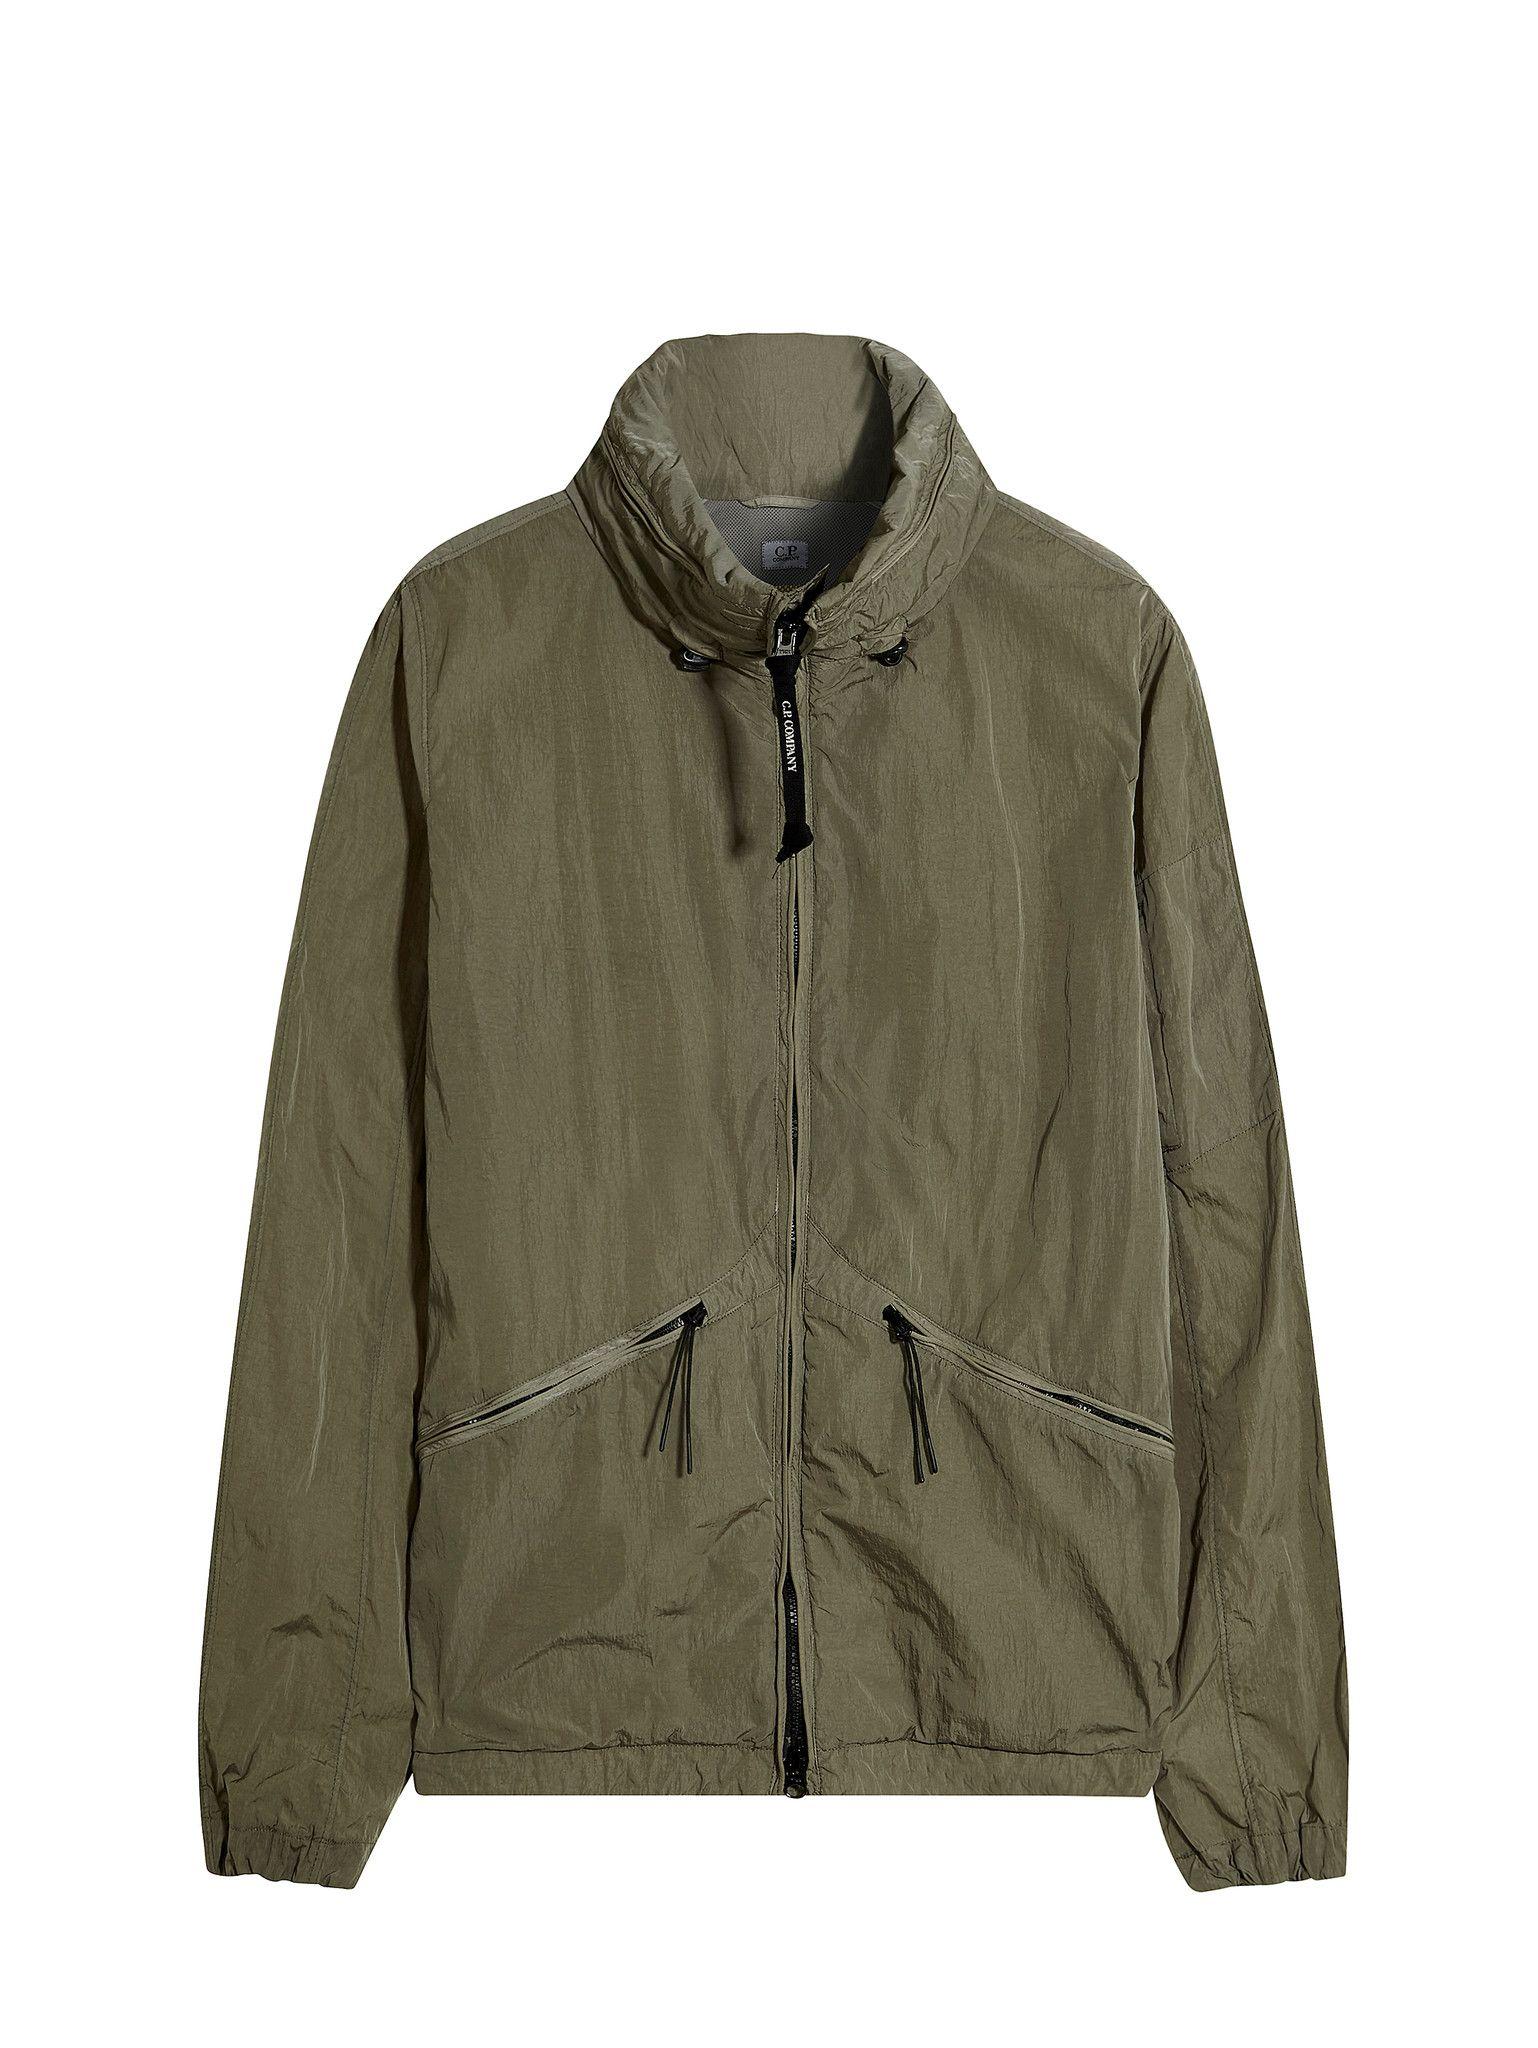 Pin On Soviet Jacket Look [ 2048 x 1538 Pixel ]